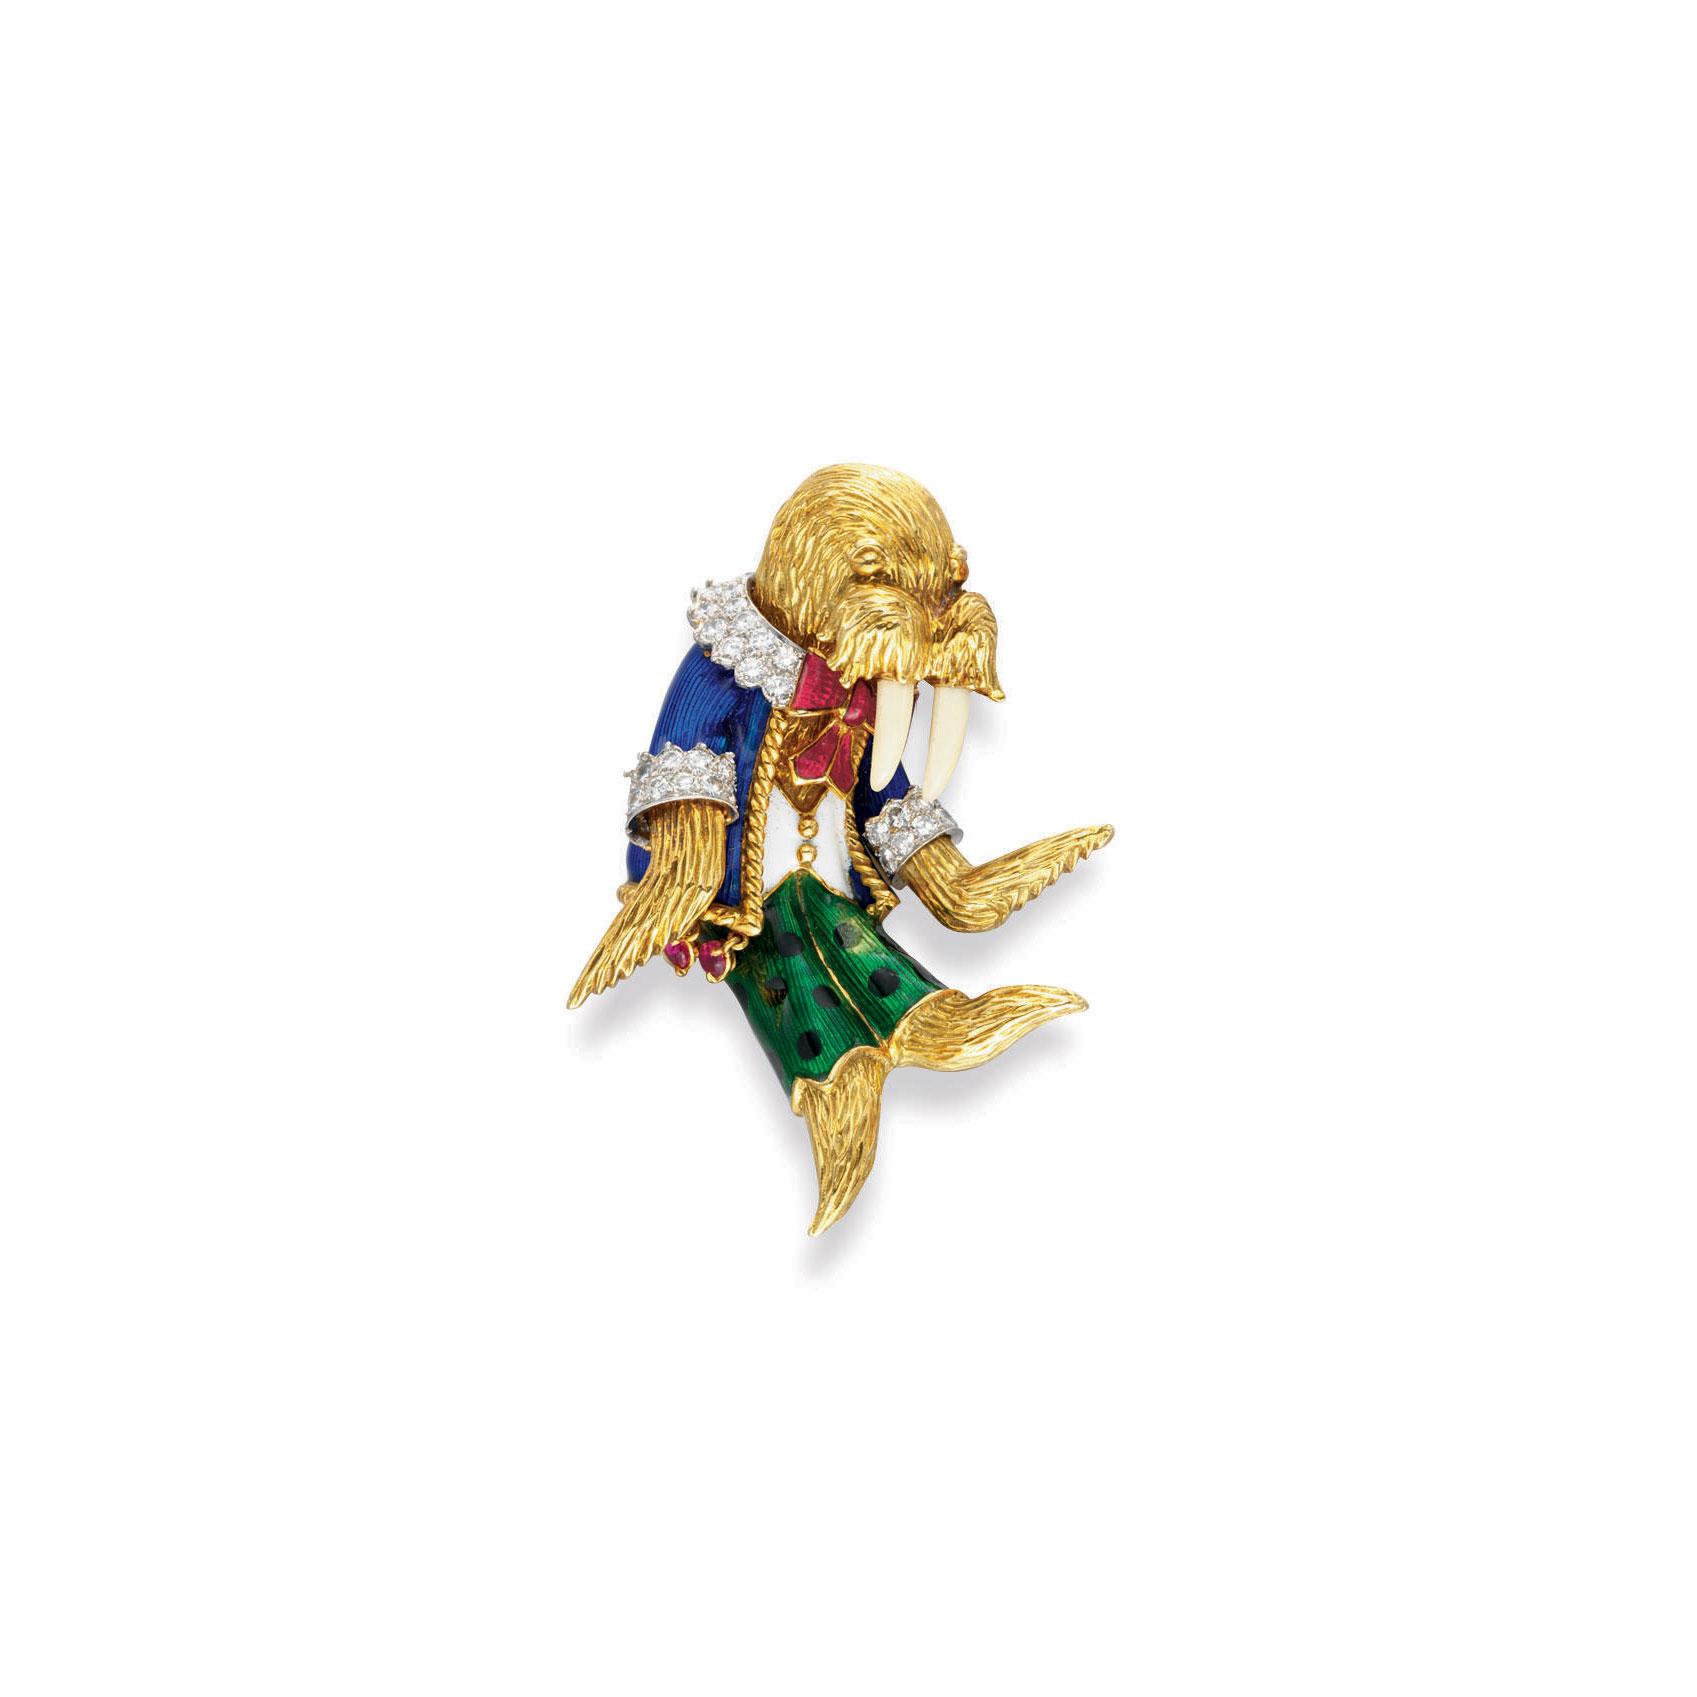 ~A DIAMOND, MULTI-GEM, ENAMEL AND GOLD WALRUS BROOCH, BY DONALD CLAFLIN, TIFFANY & CO.